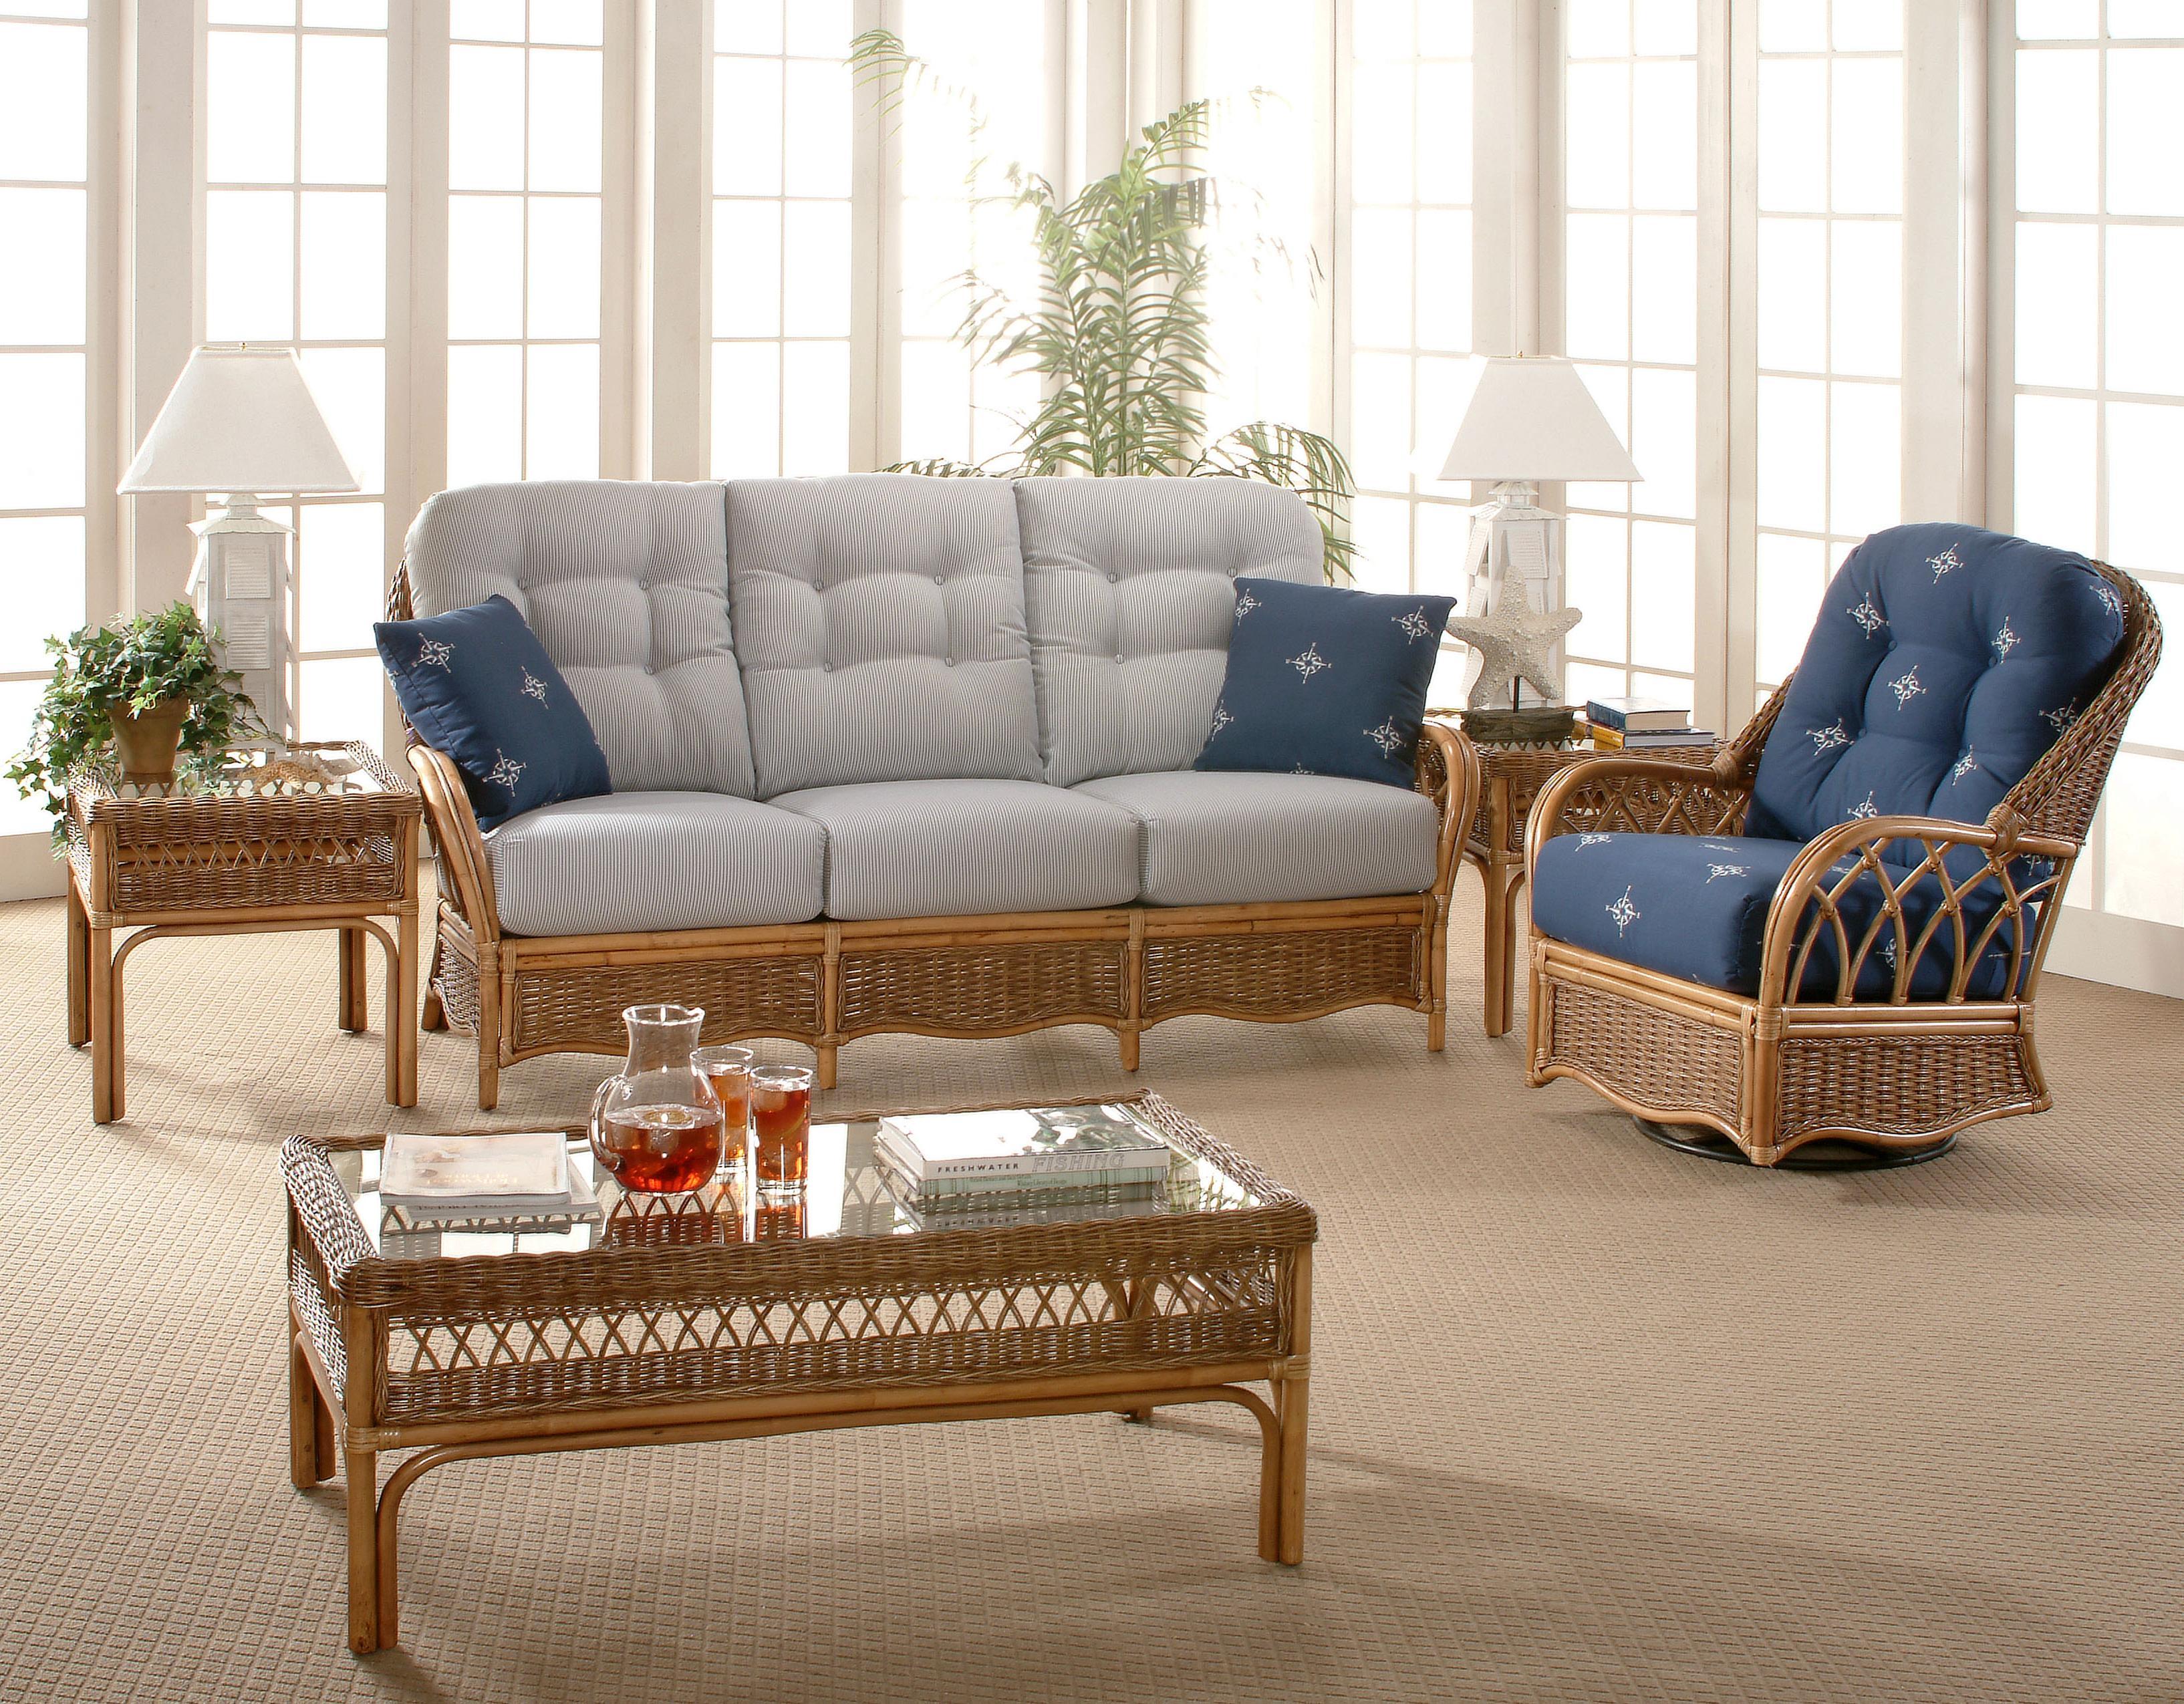 Vendor 10 Everglade 905-011 Tropical Rattan Sofa